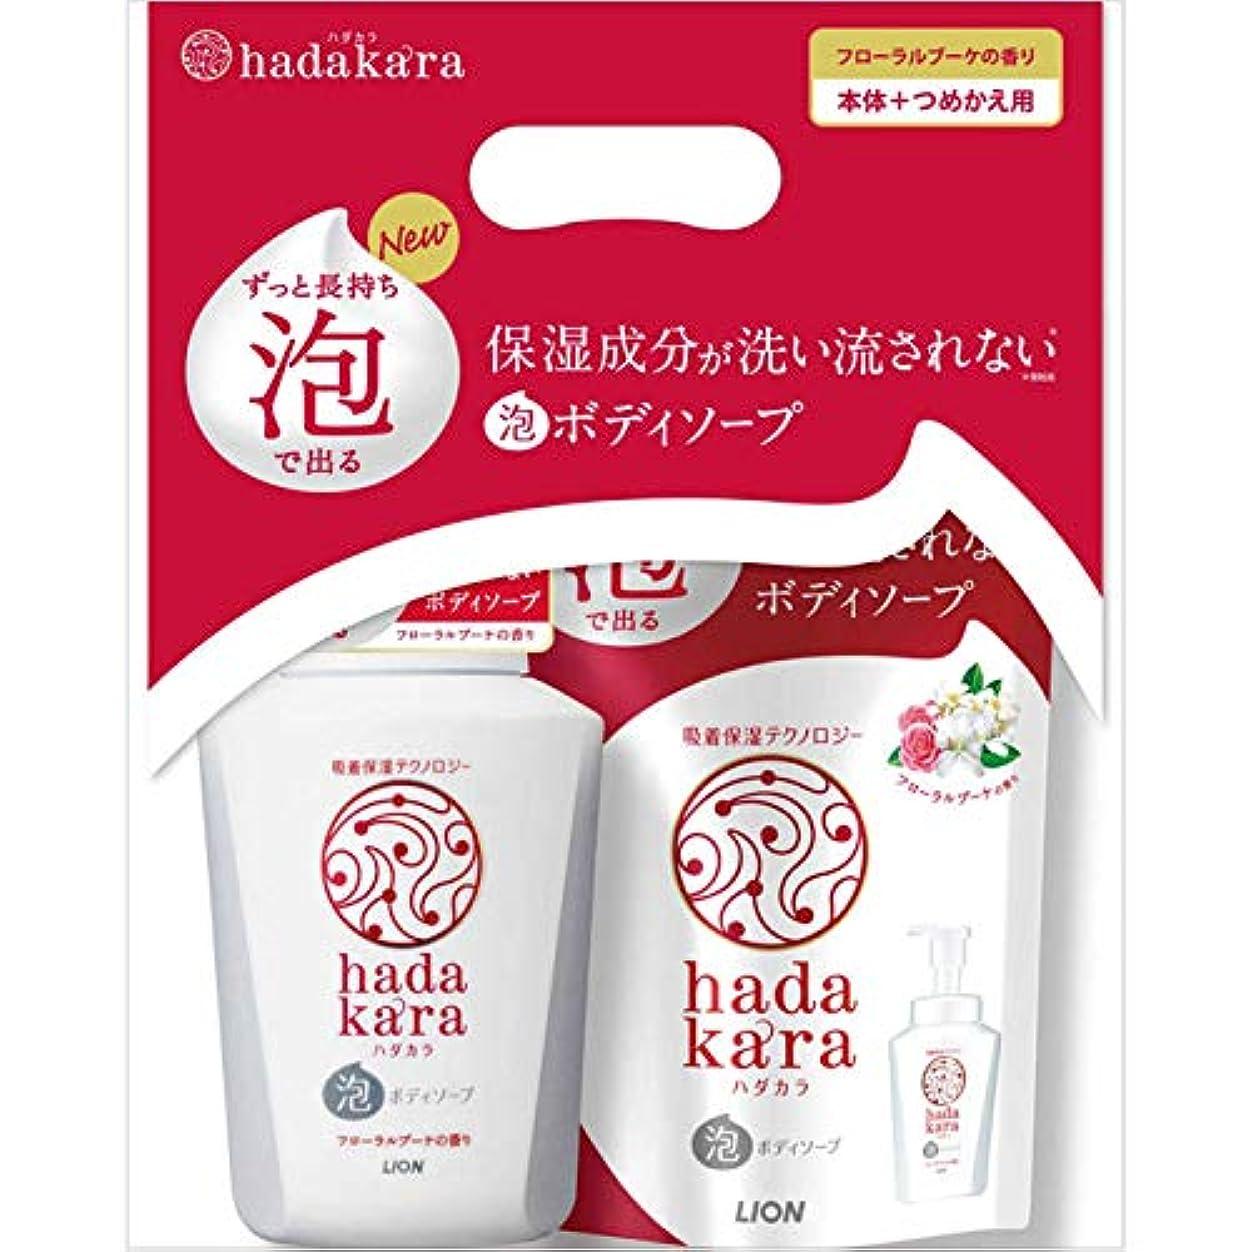 圧倒するインカ帝国他にライオン hadakara泡タイプ 本体+詰替ペアパック フローラルブーケの香り セット